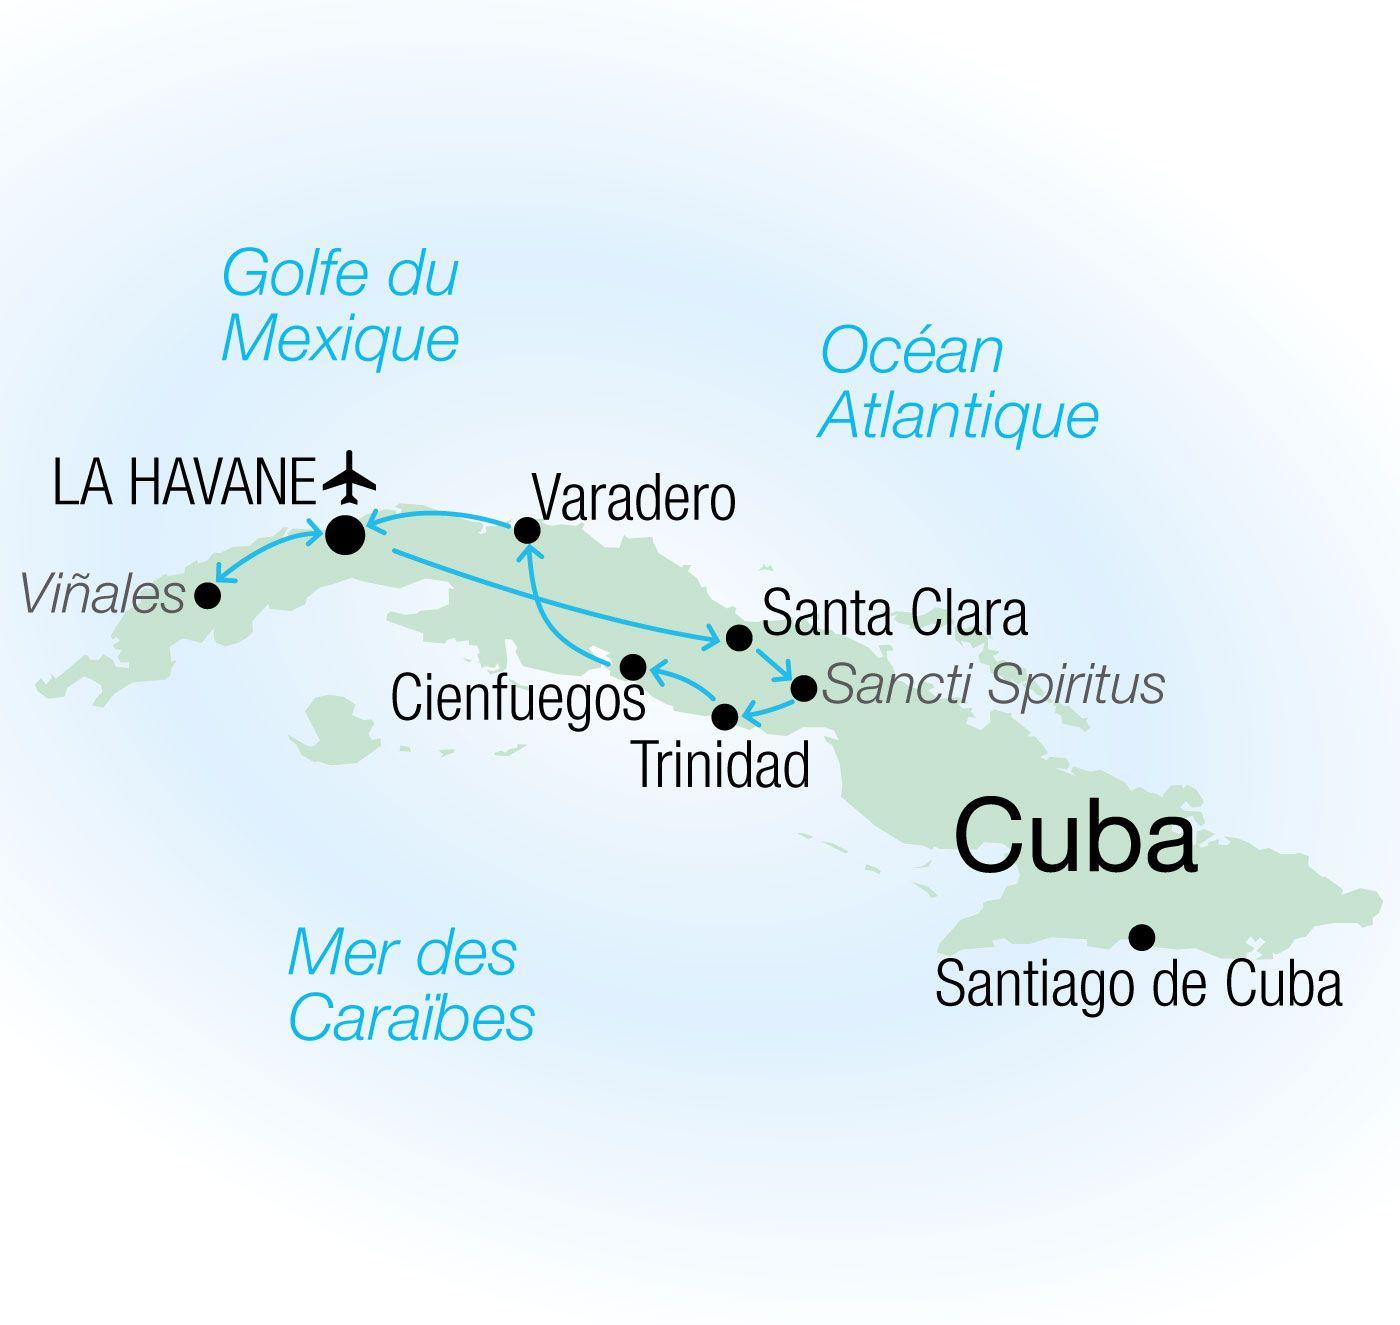 transar €190 Cuba : carte et plans | idées voyage | Pinterest | Voyage